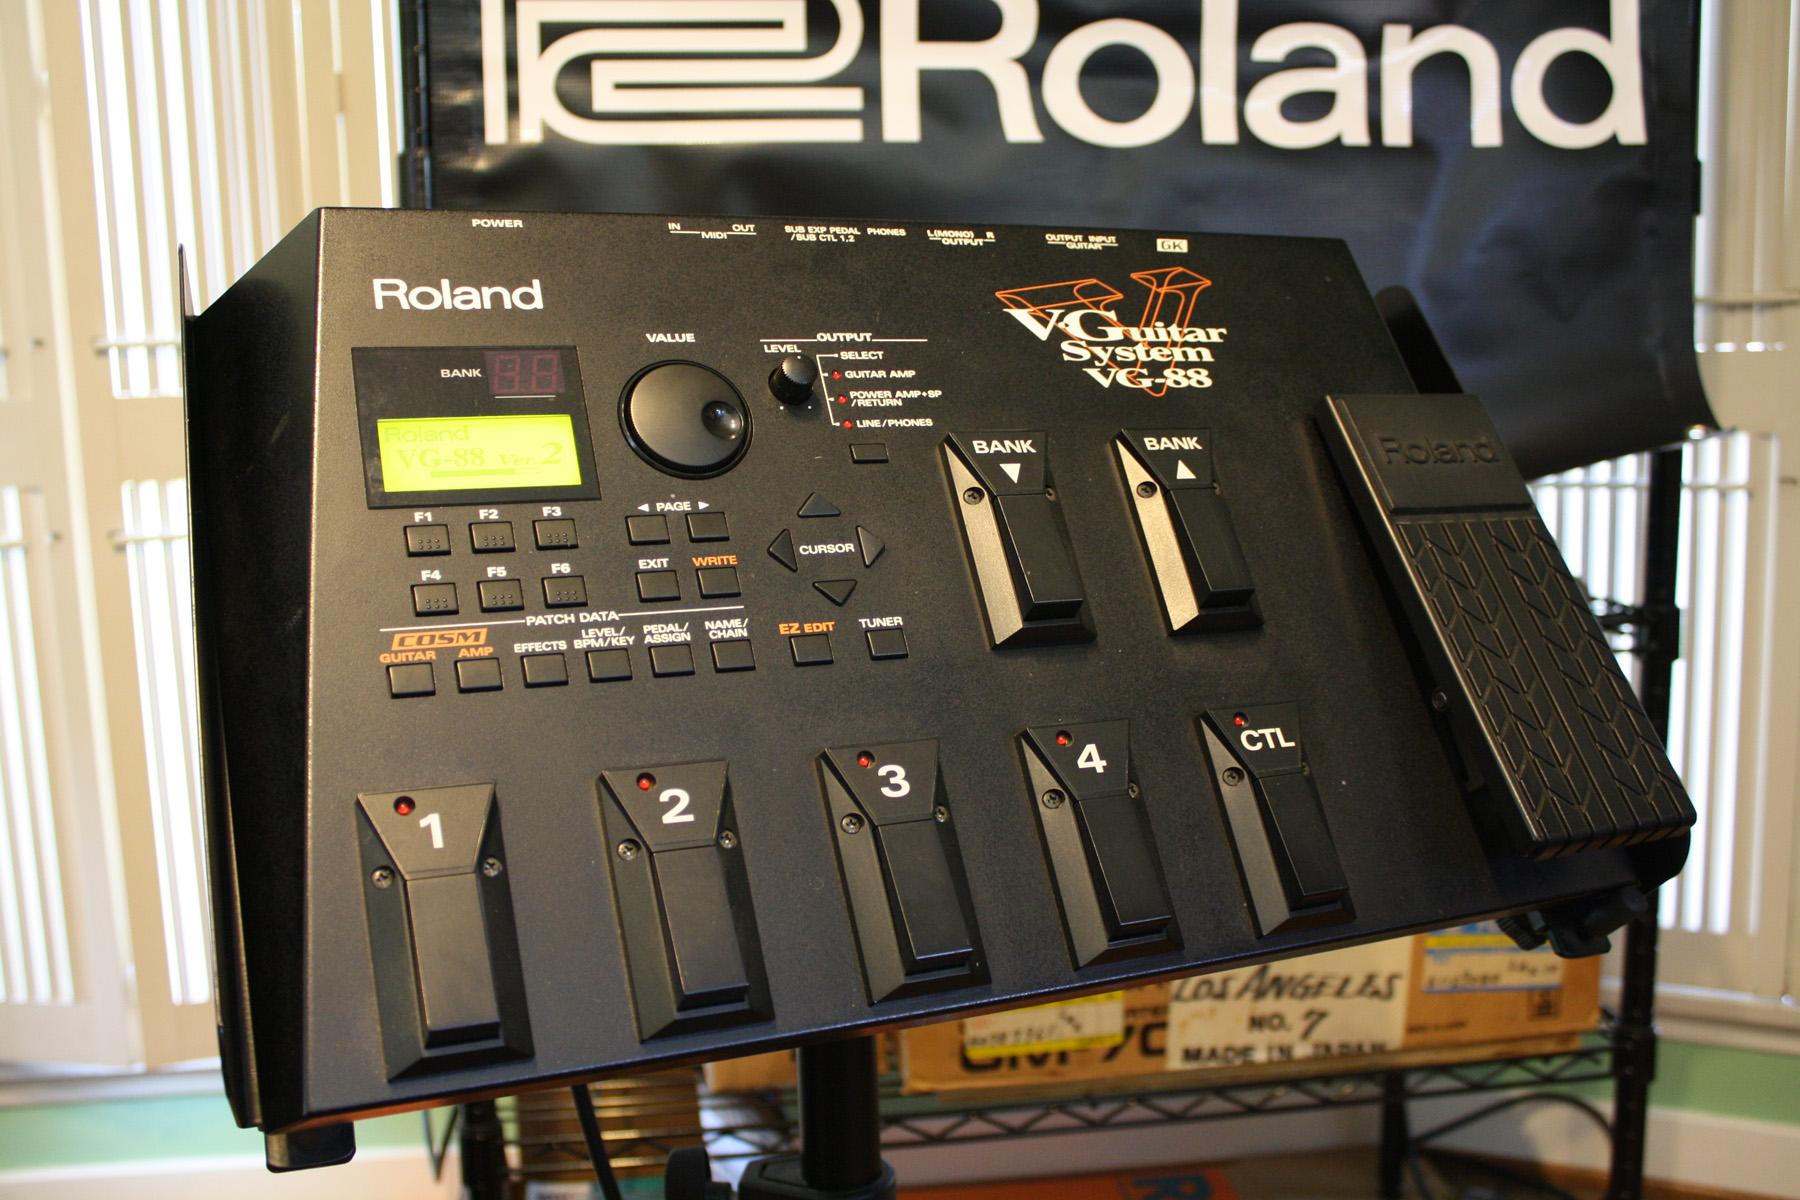 Roland VG 88 V Guitar System